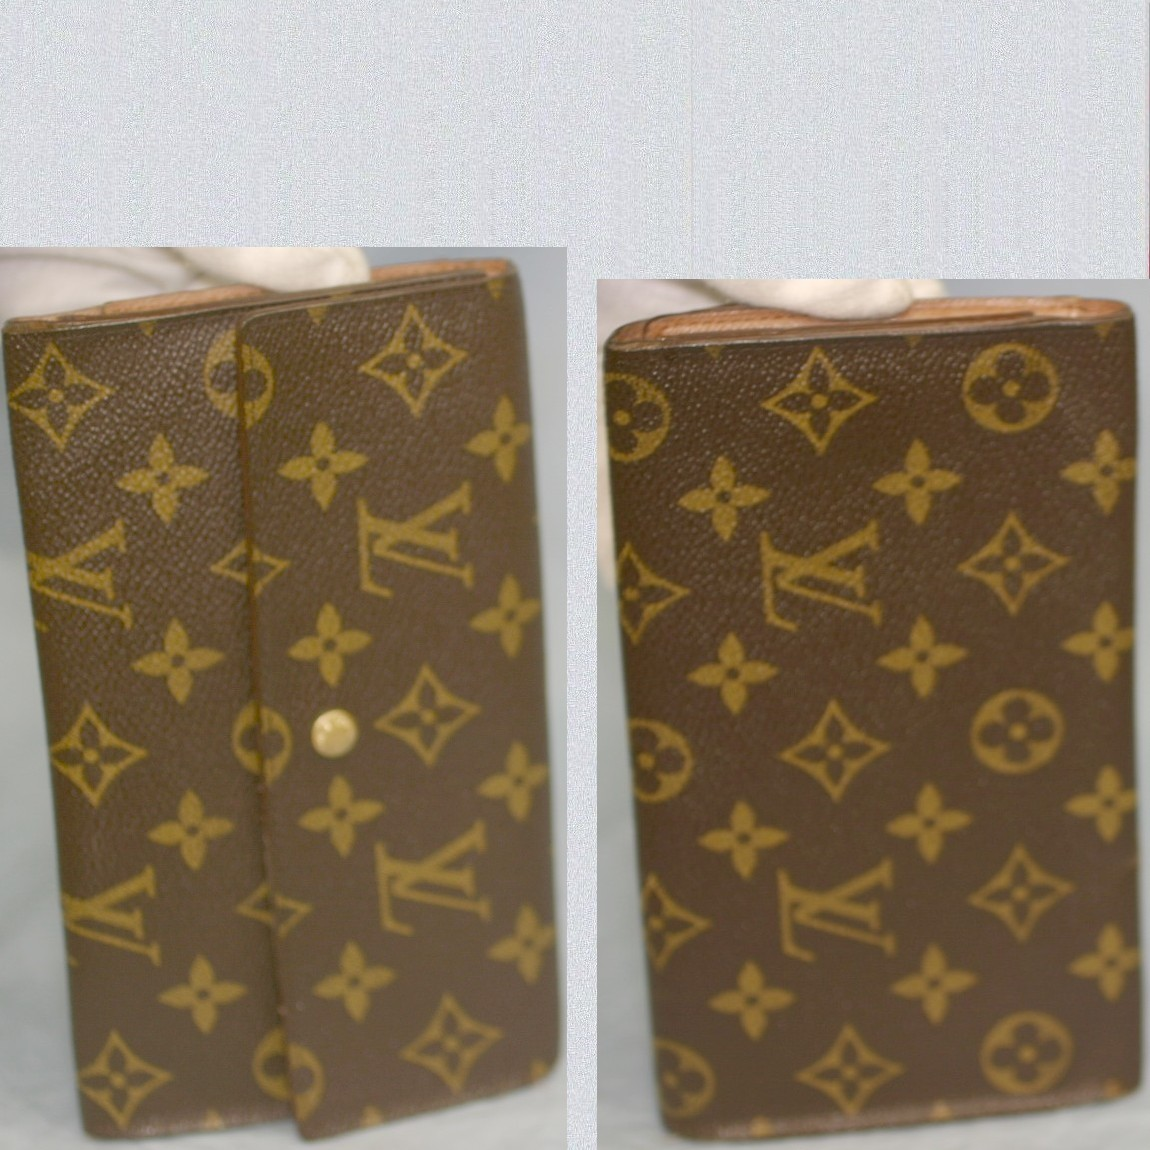 【中古】本物可L/VM61215紳士兼女性用モノグラム柄19cm3つ折長財布